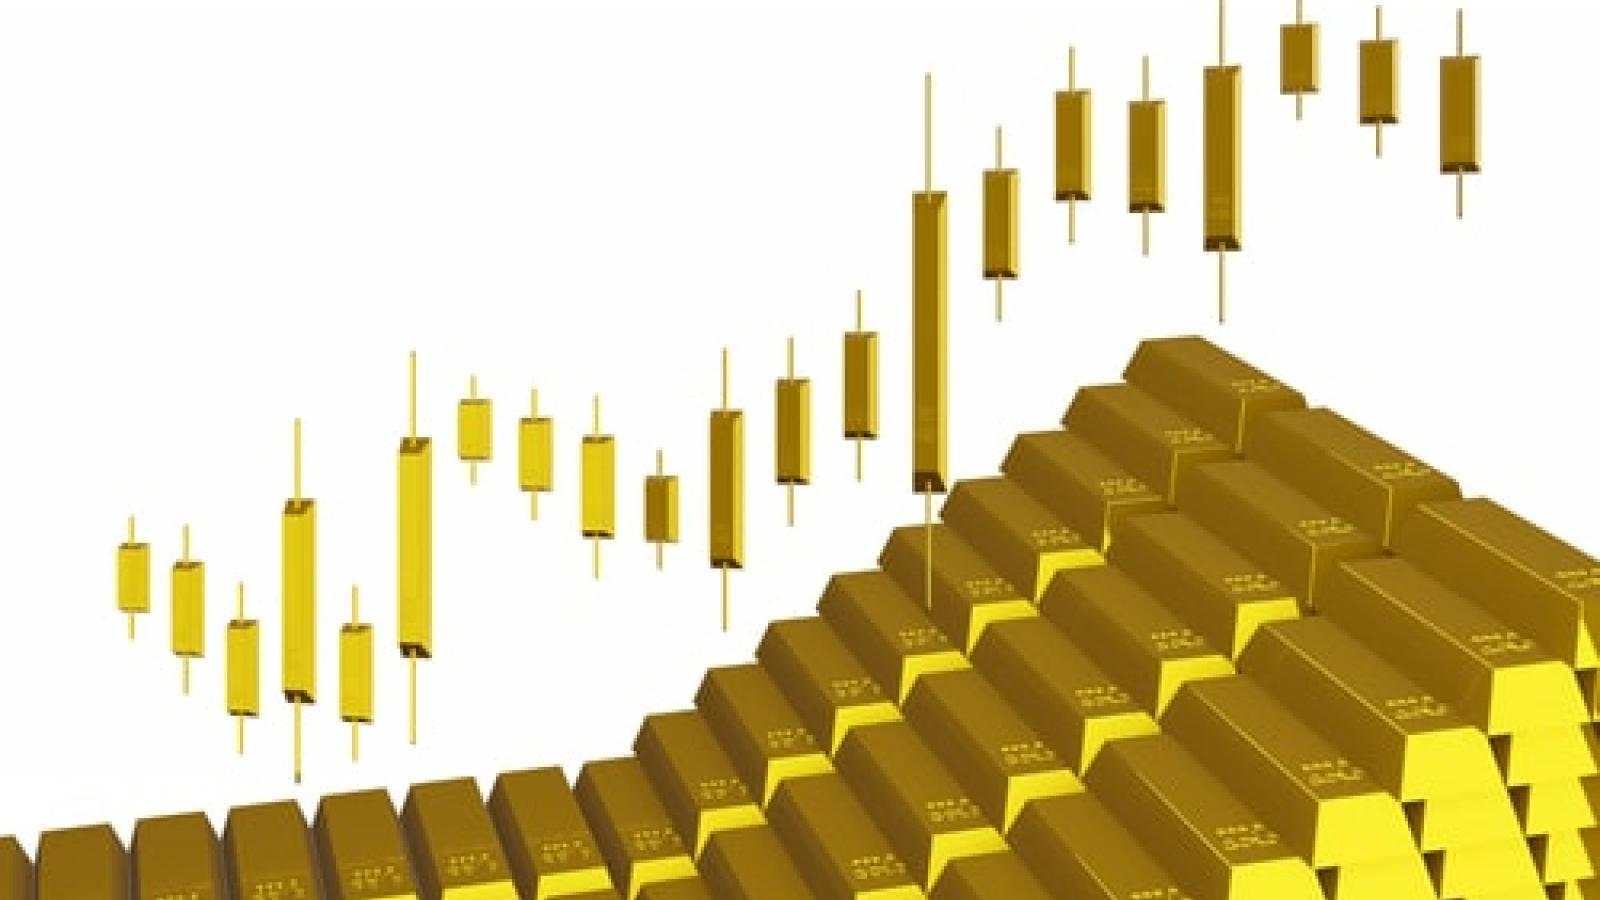 Giá vàng sẽ sớm quay lại đỉnh?